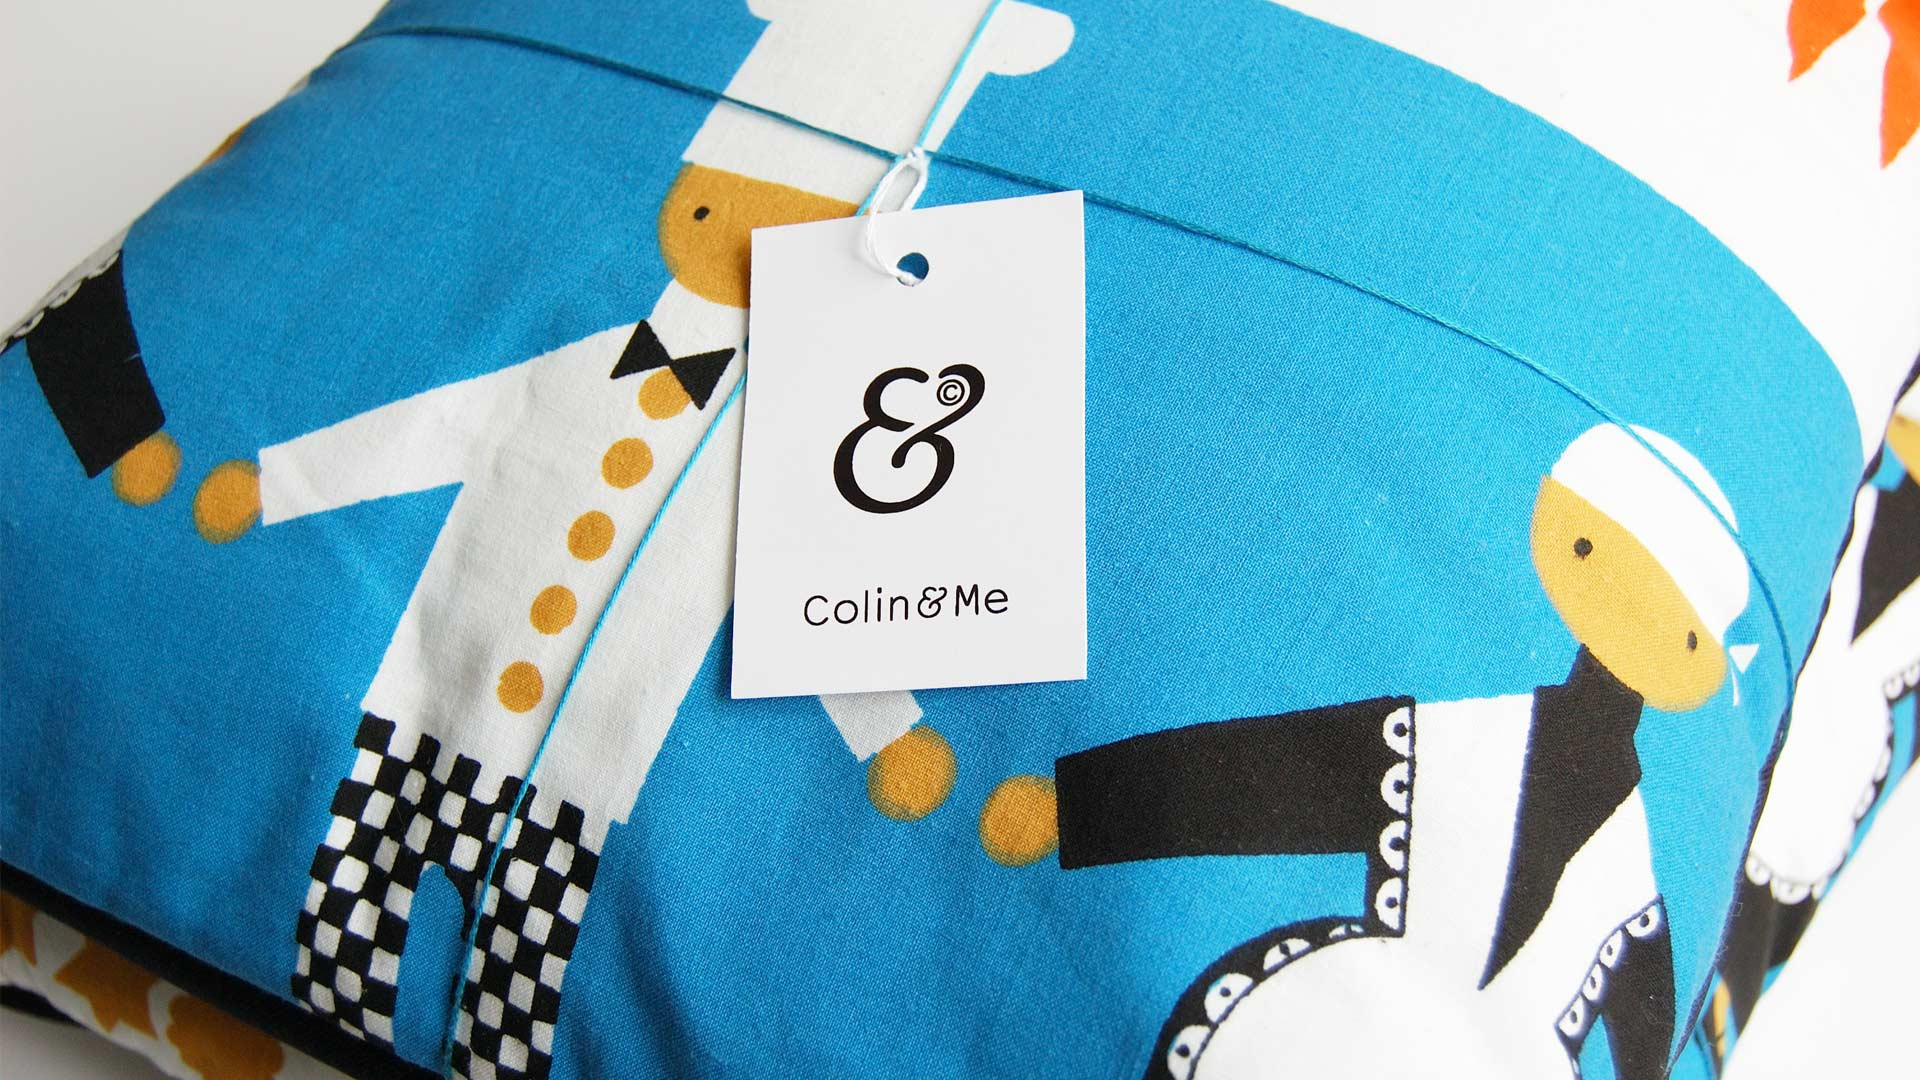 Colin & Me, brand